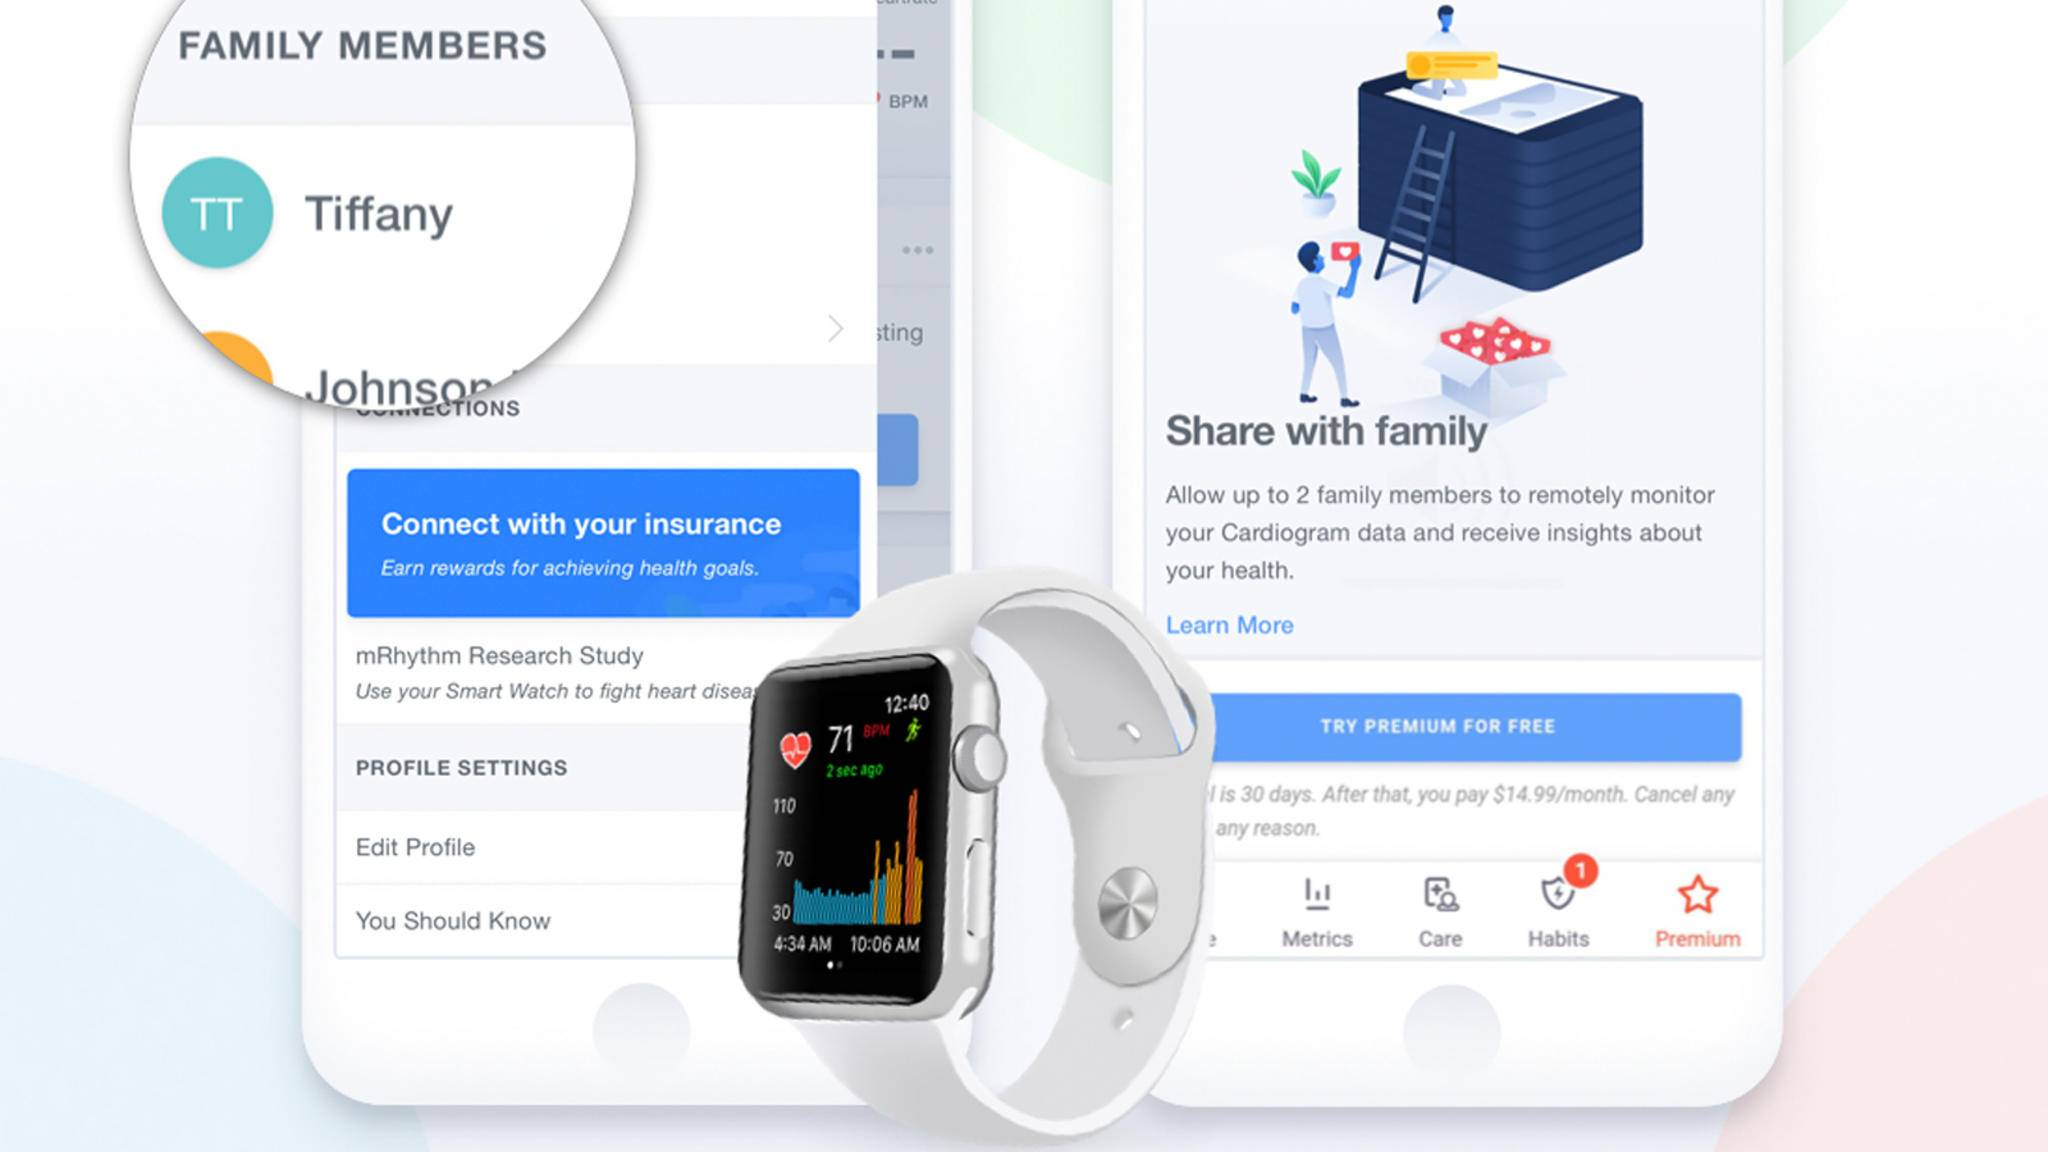 Der neue Family-Mode der Cardiogram-App lässt Dich Gesundheitsdaten mit Familienangehörigen teilen.